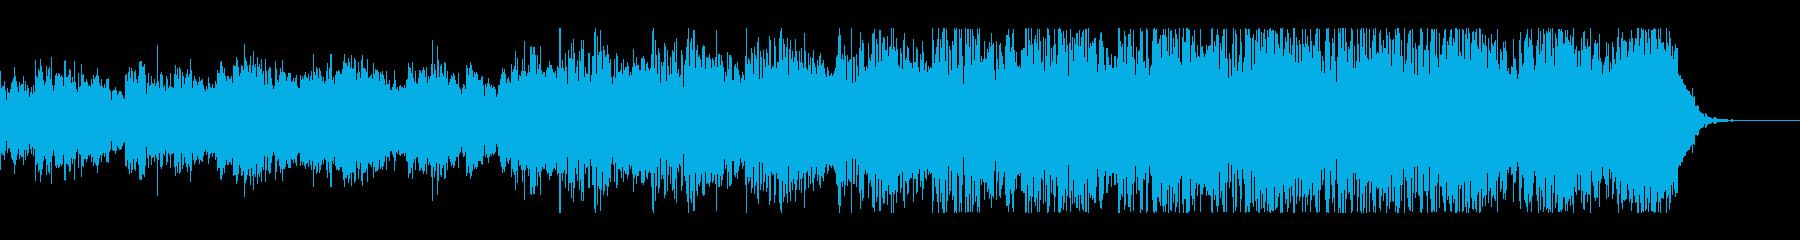 トランス感漂うエレクトロニカの再生済みの波形